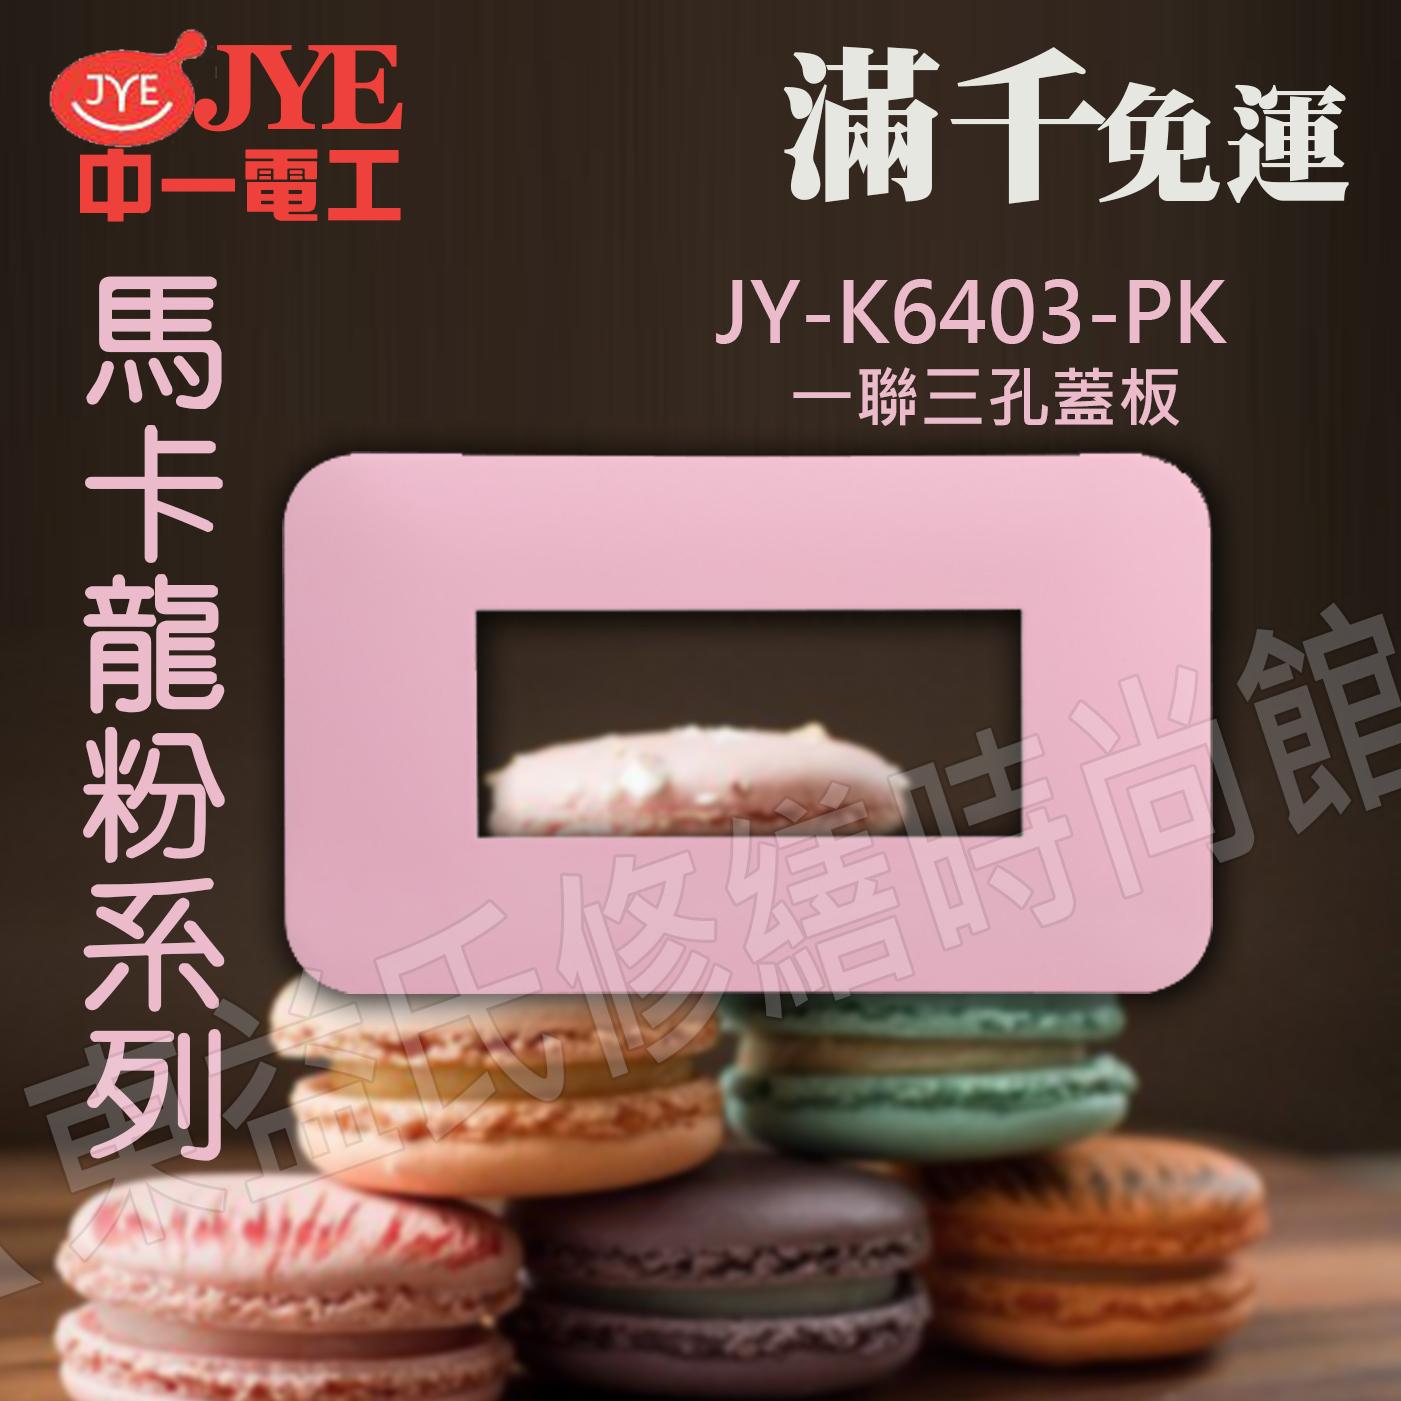 【東益氏】中一電工時尚系列-馬卡龍粉-JY-K6403-PK 一聯三孔蓋板 另售Panasonic GLATIMA全系列 星光全系列 開關 插座 蓋板